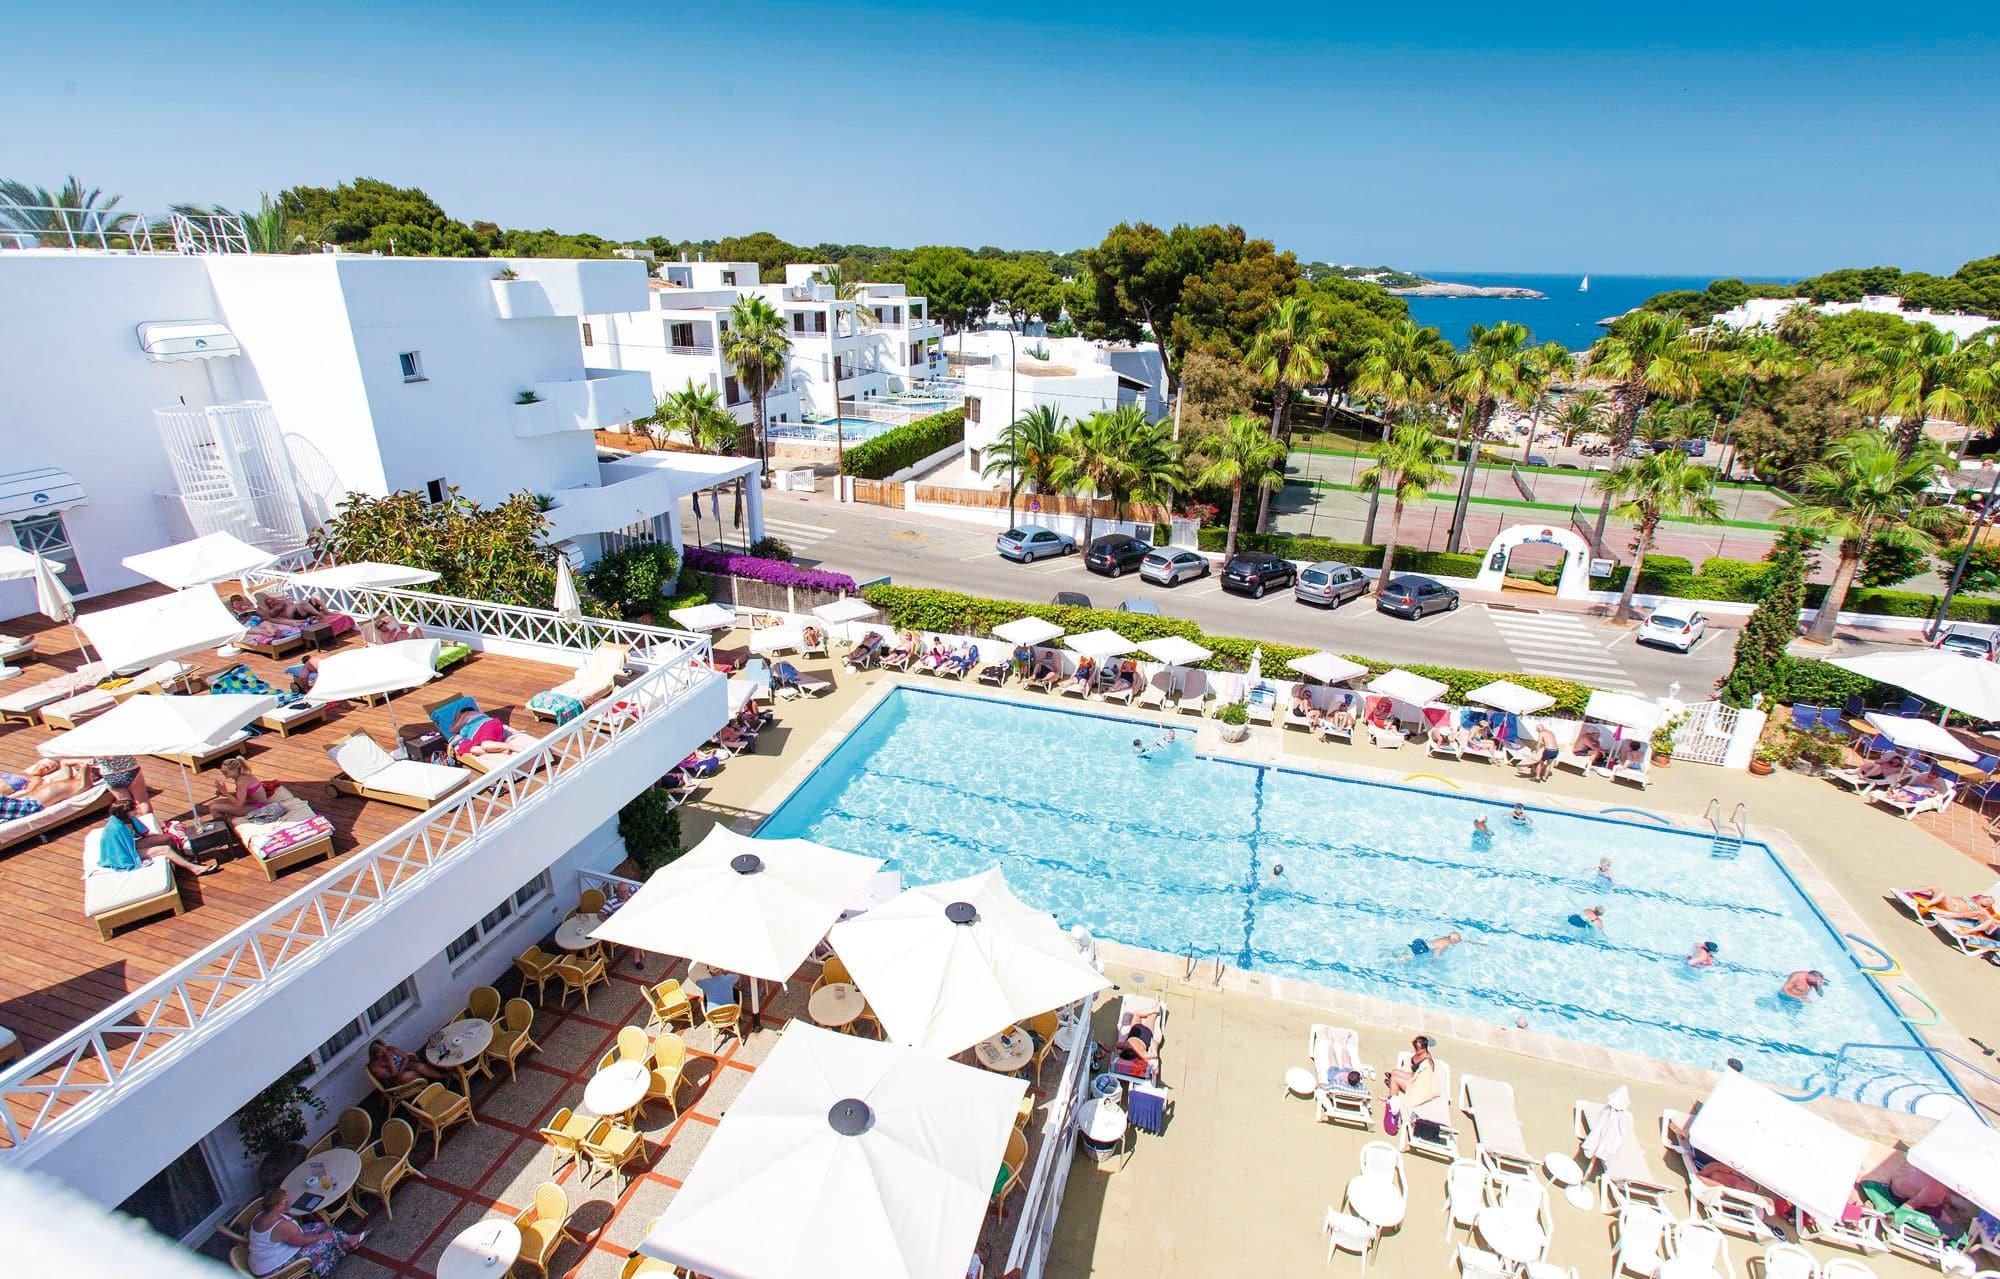 Rocamarina Hotel